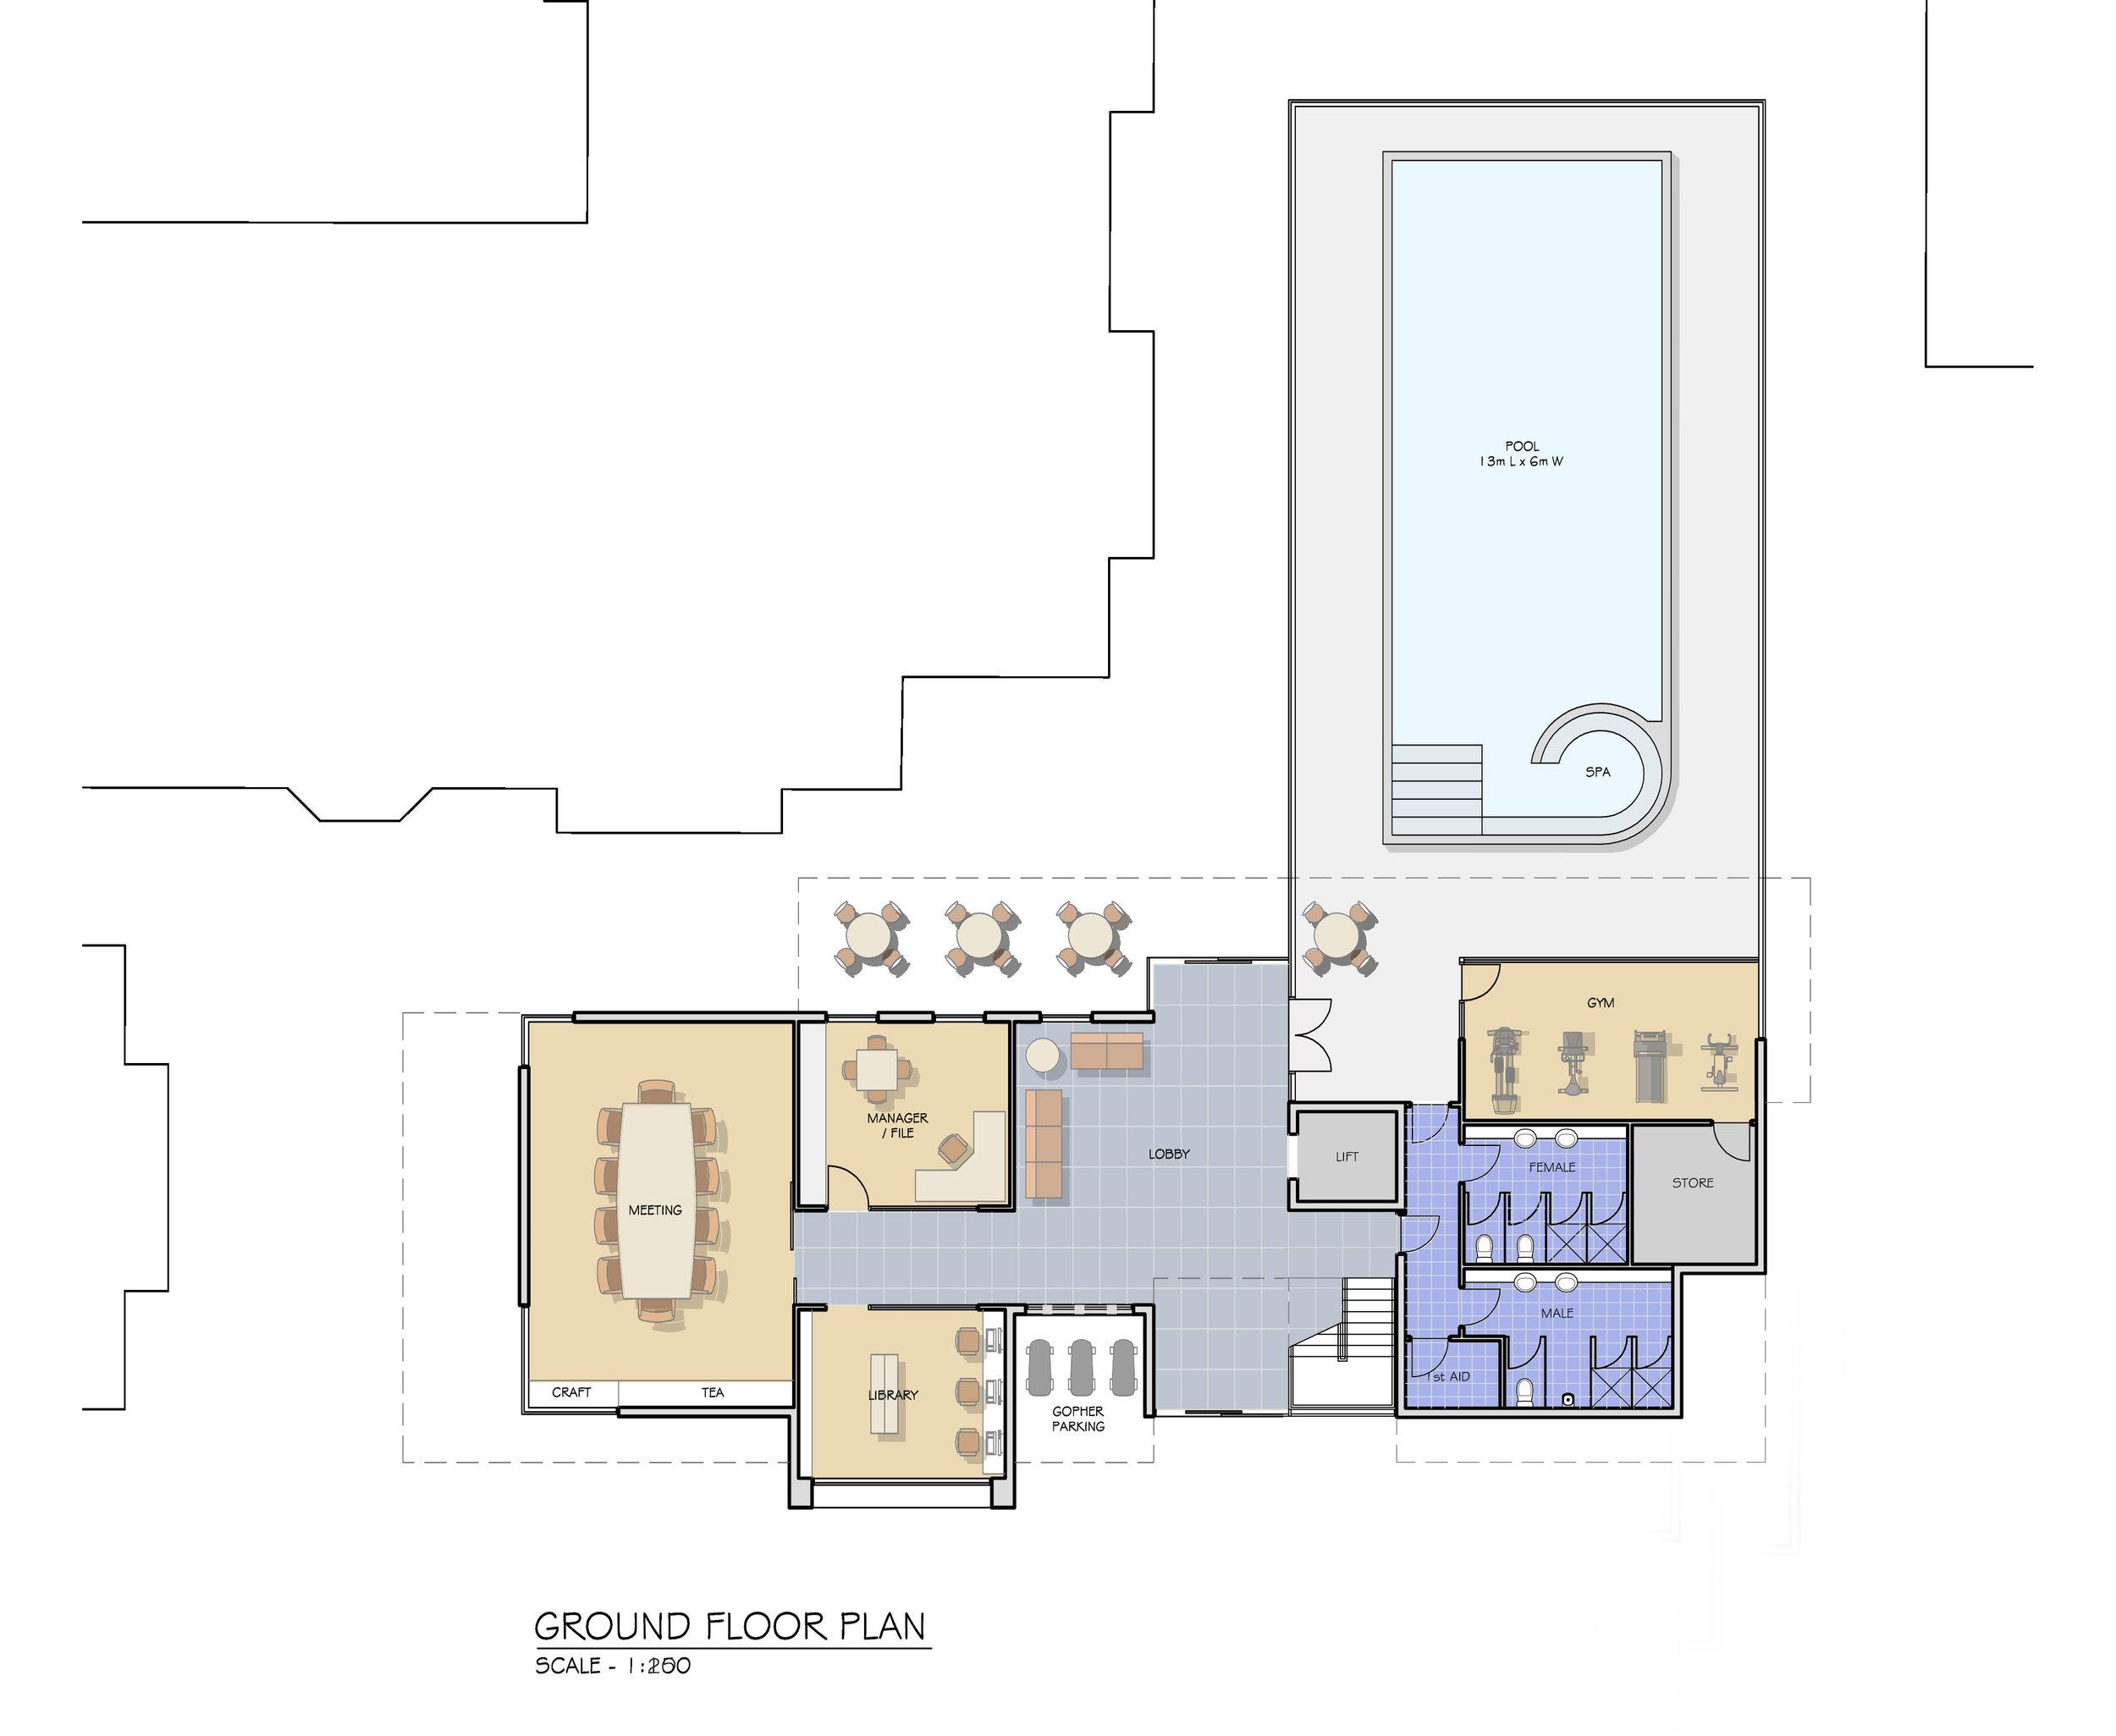 Meath Club House Ground Flr Plan.jpg